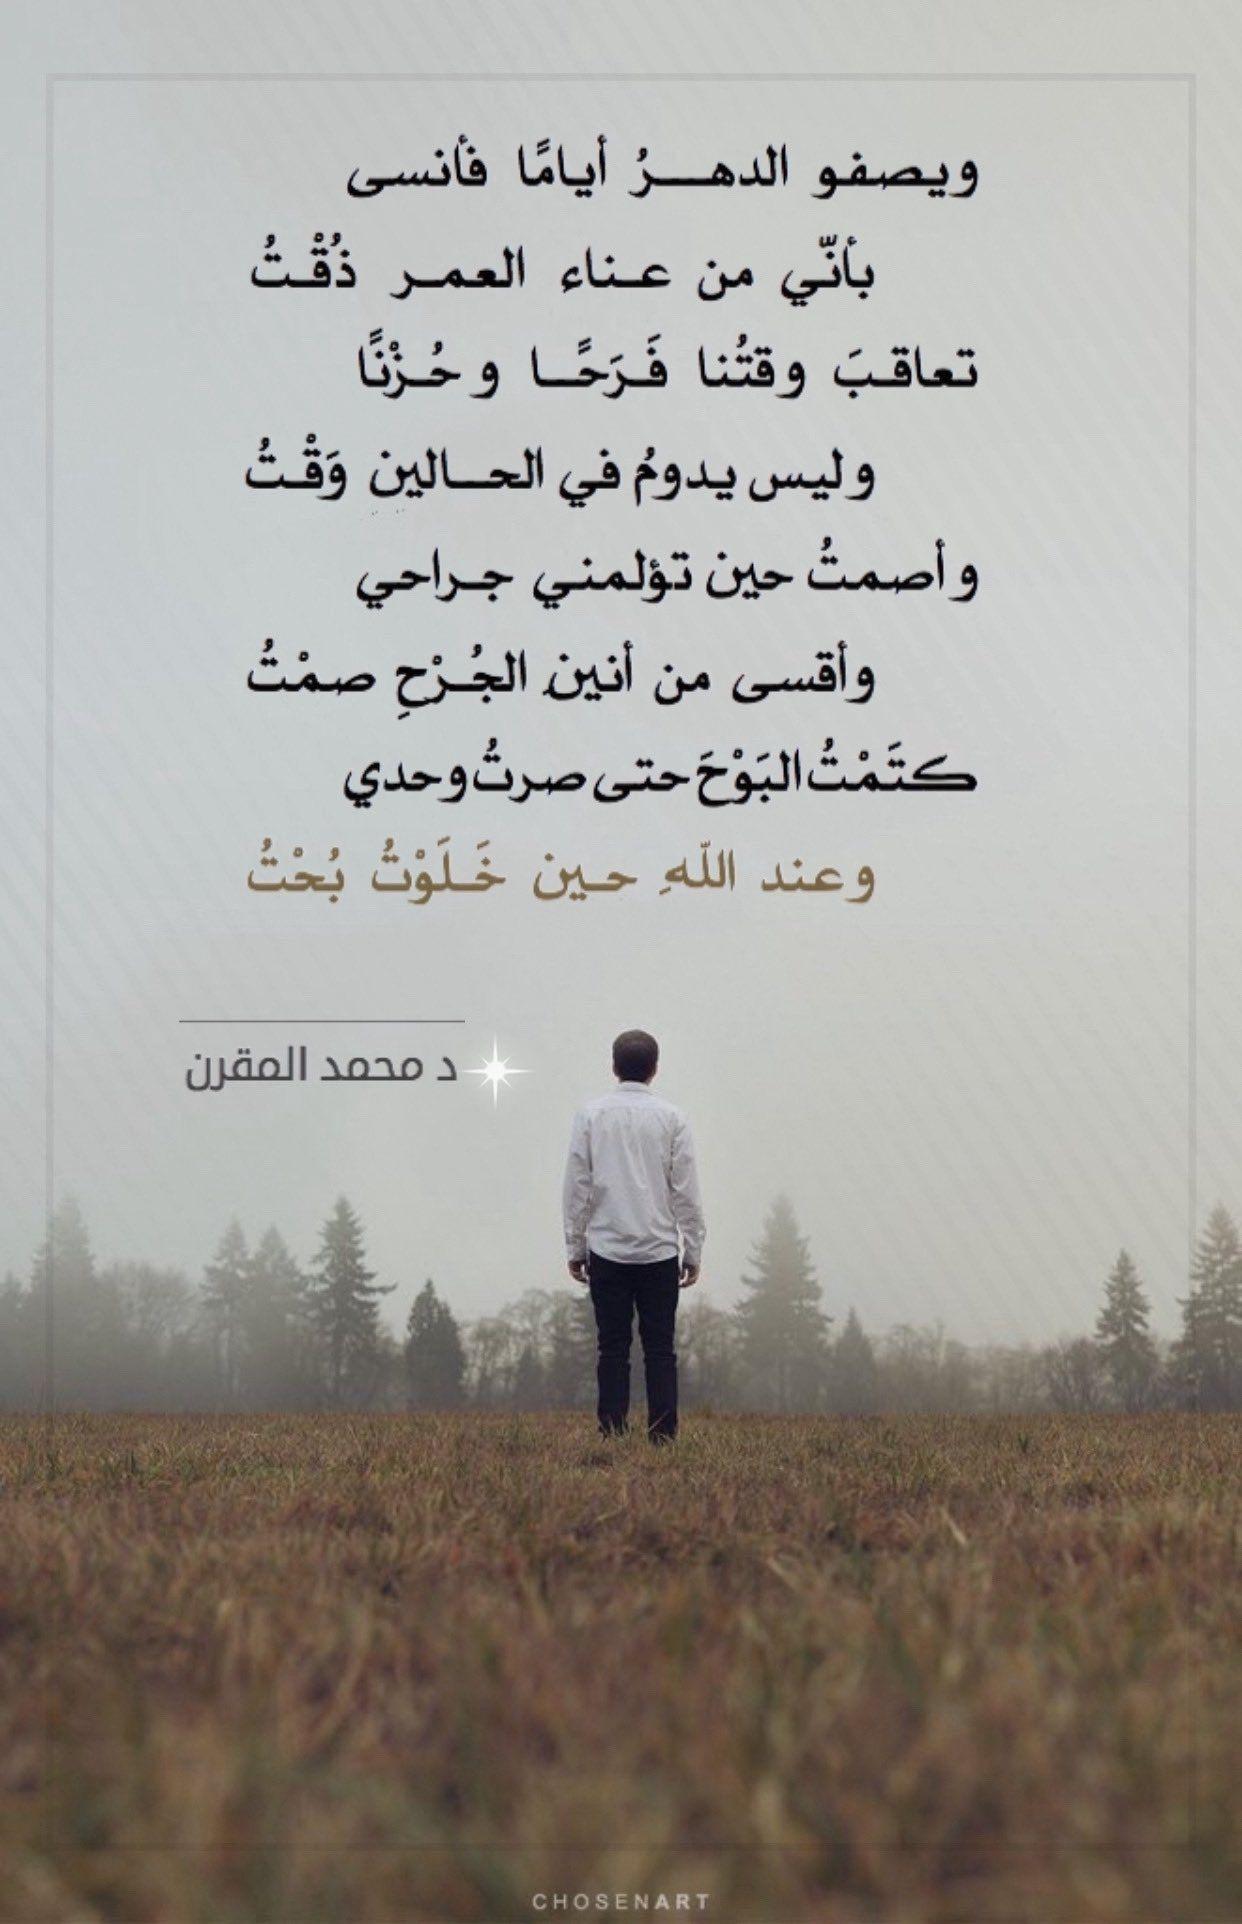 كت م ت الب و ح حتى صرت وحدي وعند الله حين خ ل و ت ب ح ت Arabic Poetry Quotes Girl Photography